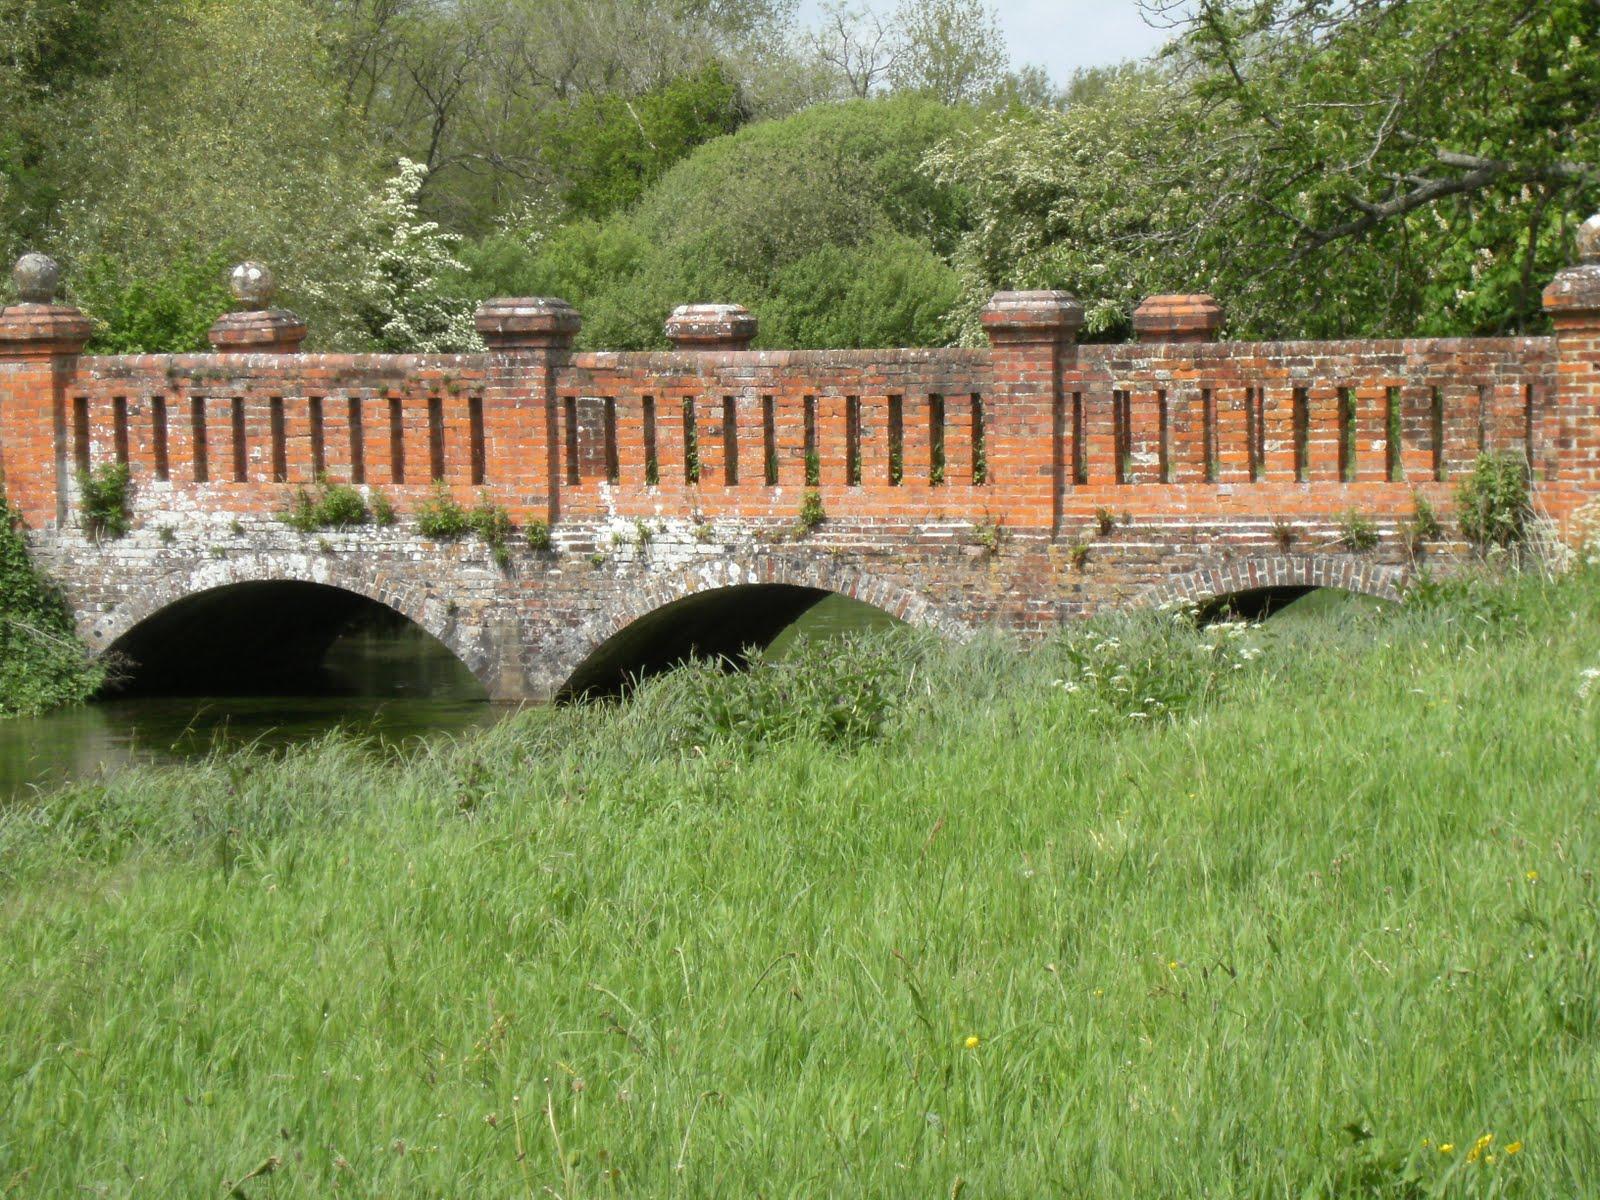 DSCF0820 Bere Mill bridge